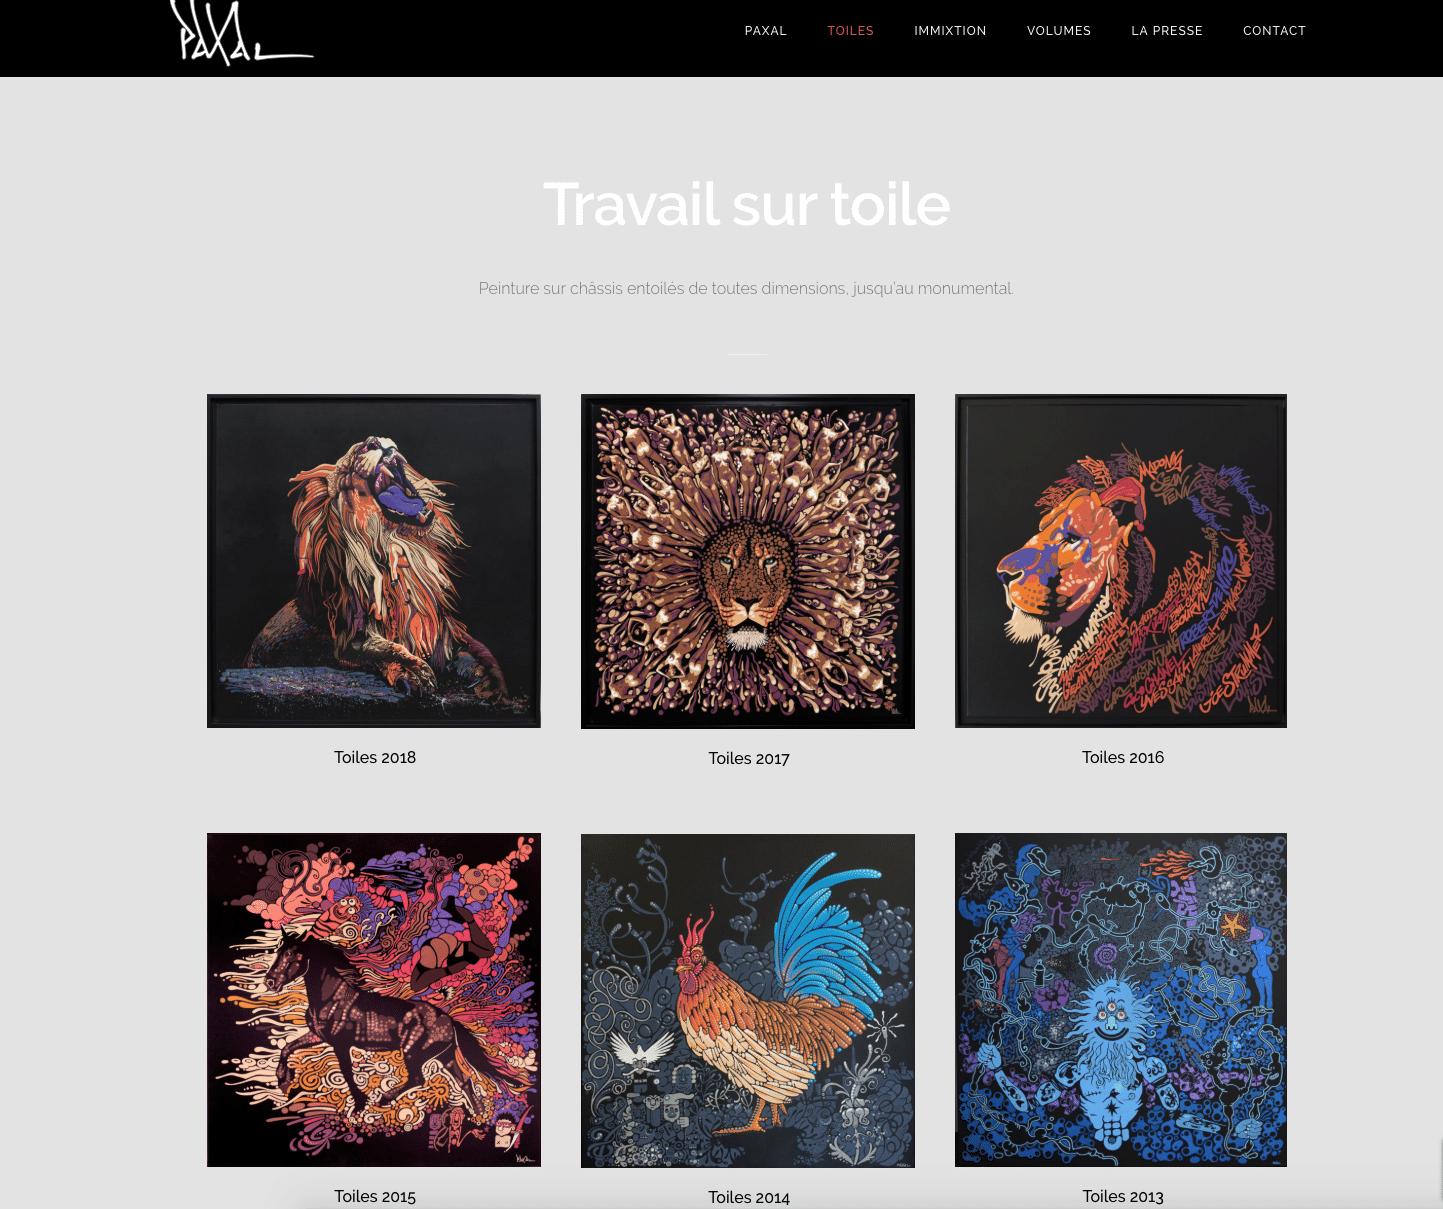 Paxal, galeriste, expose son travail sur toile, évolution de plusieurs années. Un site réalisé par Karedess, agence web à Mulhouse